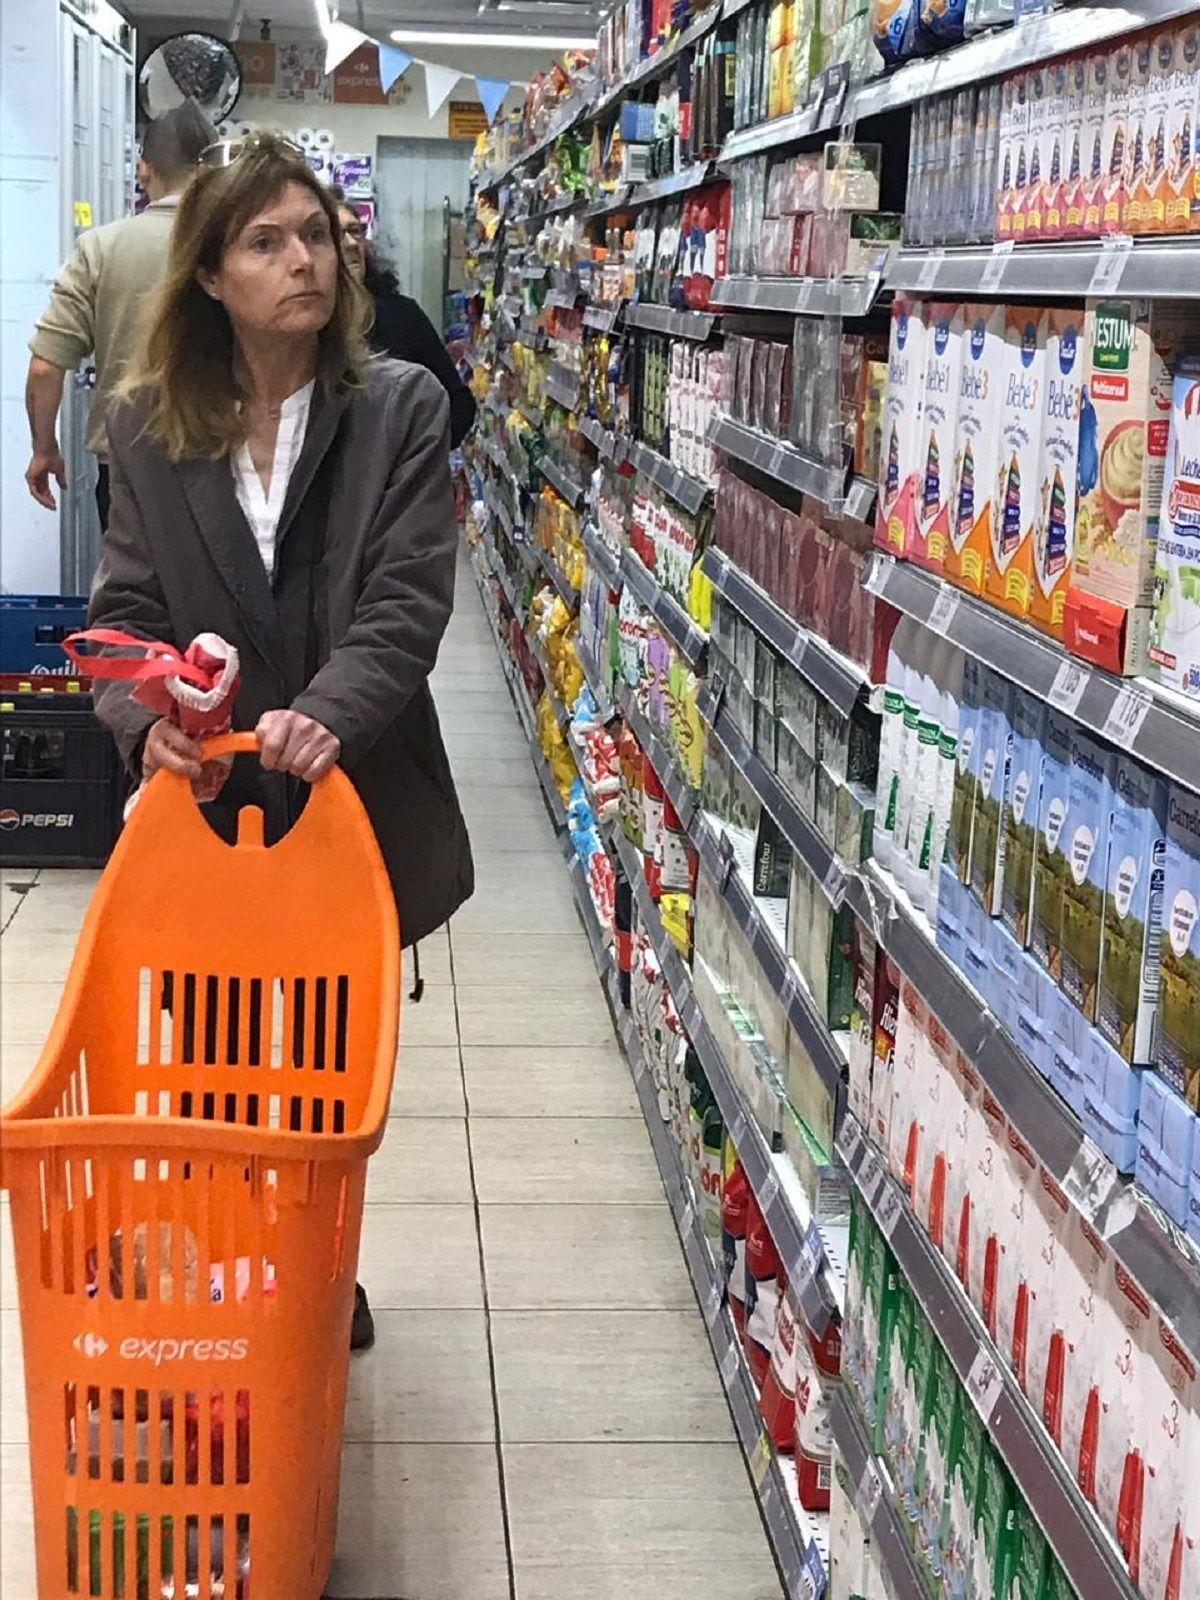 Productos Esenciales subirían hasta un 20% y formarán parte de Precios Cuidados